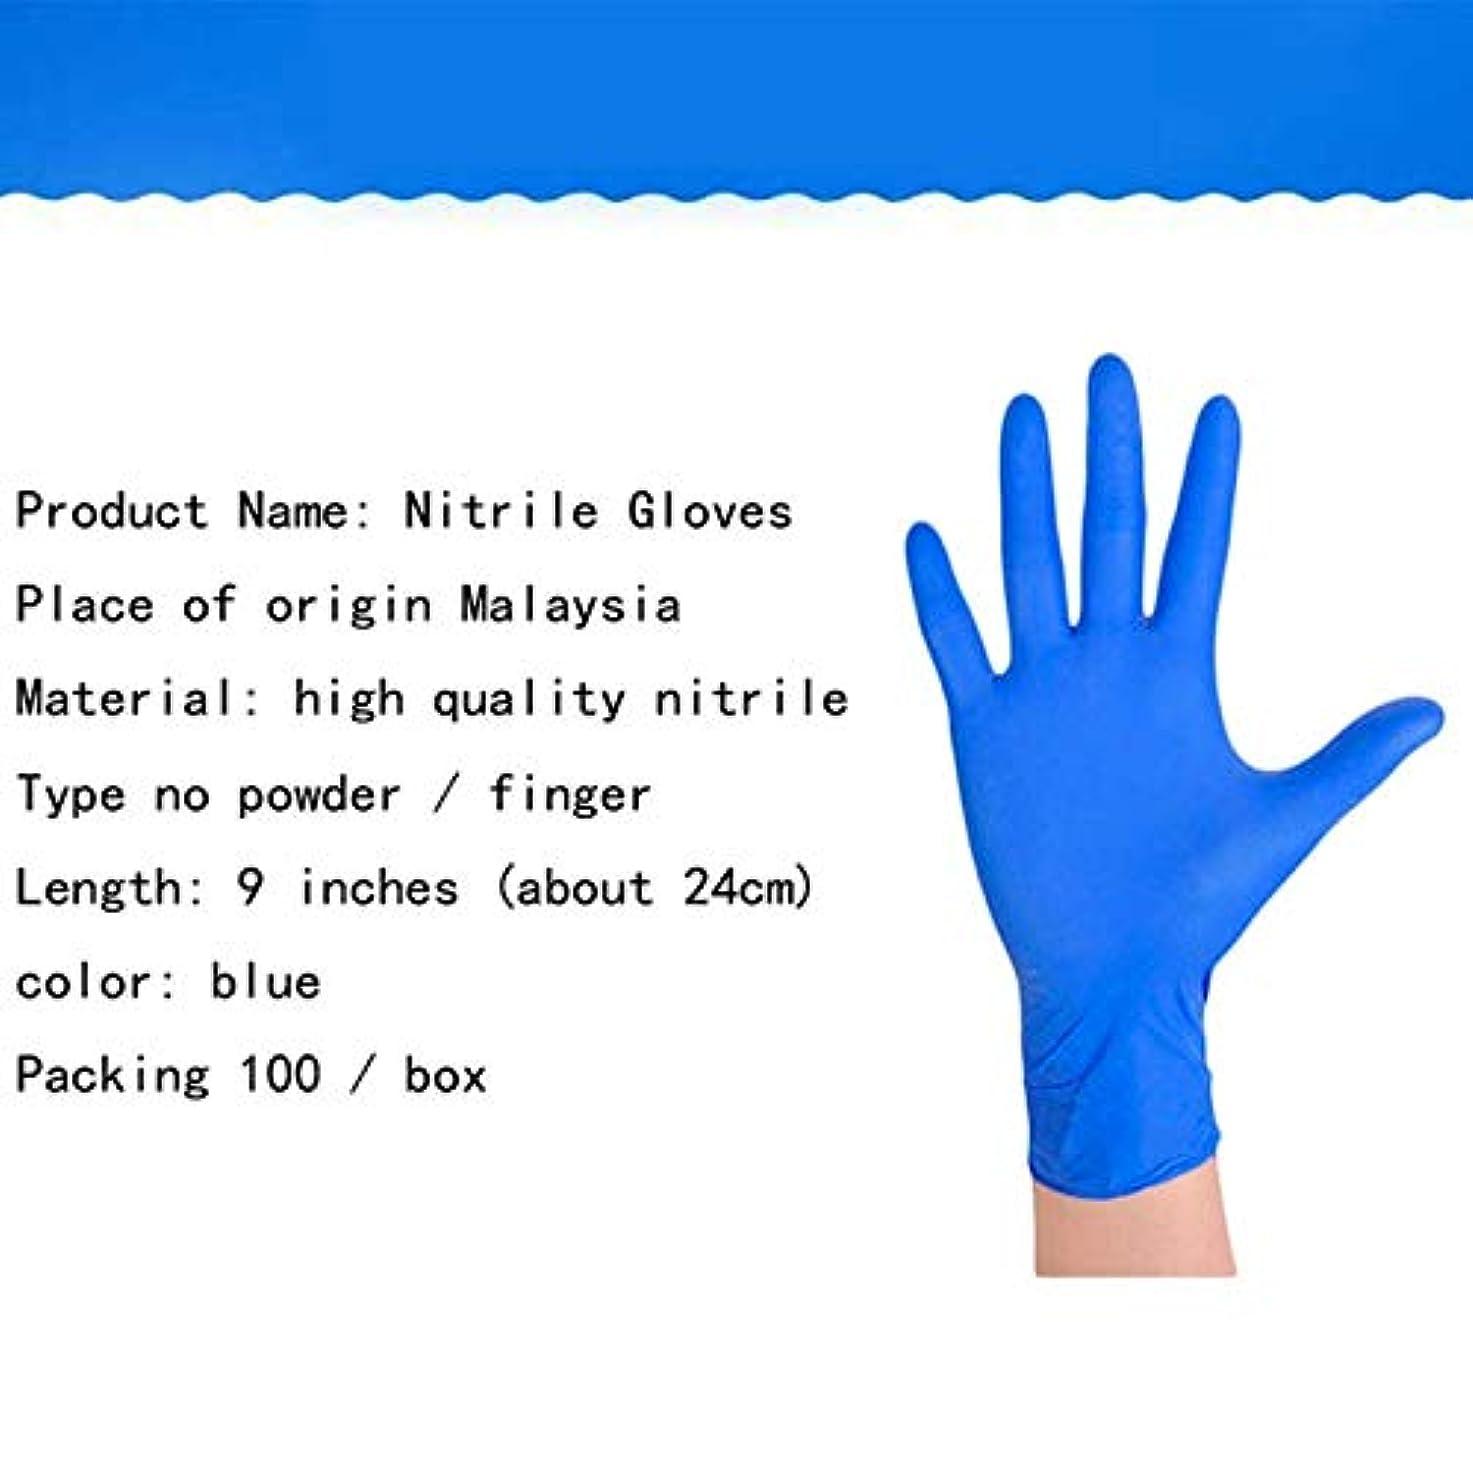 不調和ビデオパンダニトリル手袋、パウダーフリー、ラテックスゴムフリー、使い捨て手袋 - 非滅菌、食品安全、医療用グレード、100 PCSの便利なディスペンサーパック、(追加強度)(S-XL) (Size : S)